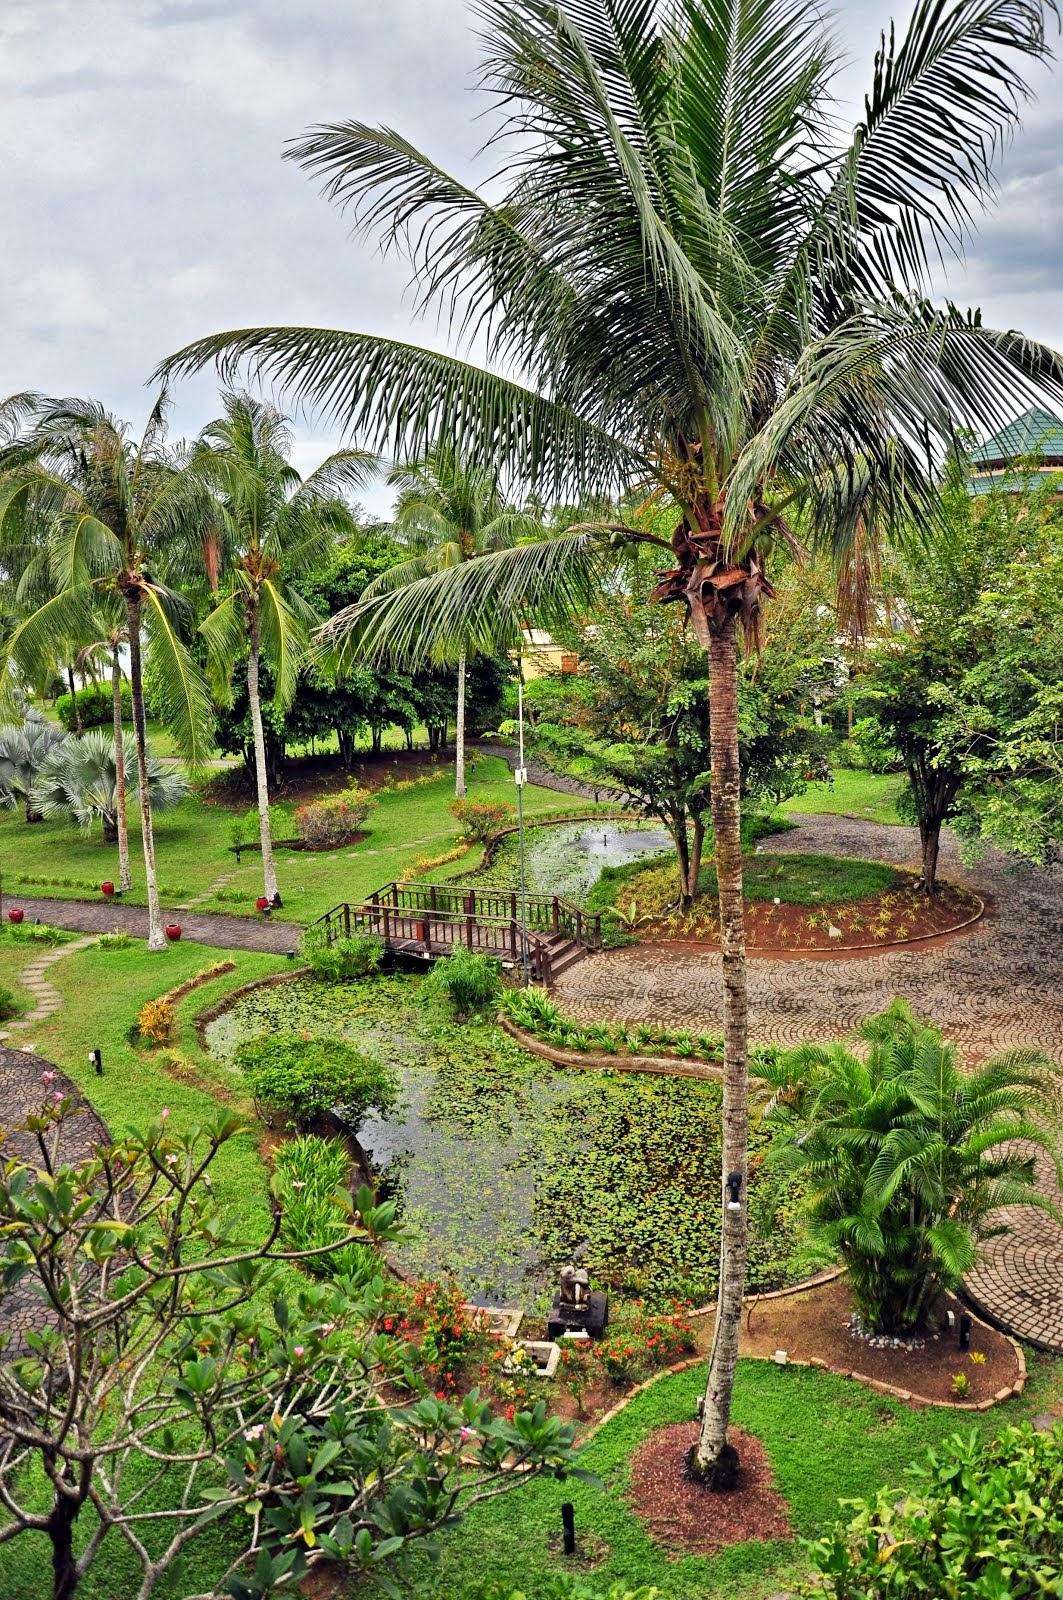 Indonesia - Bintan